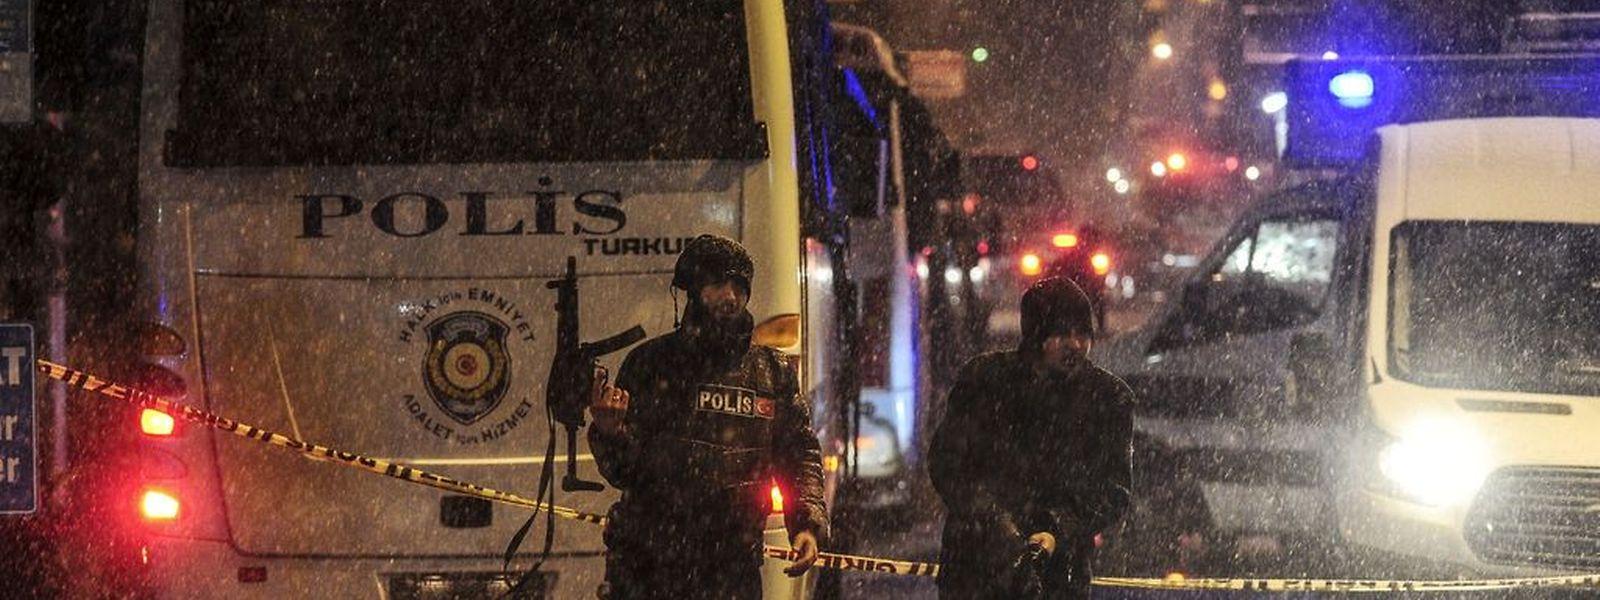 Polizisten stehen vor der Wache, in der die Attentäterin zugeschlagen hat.